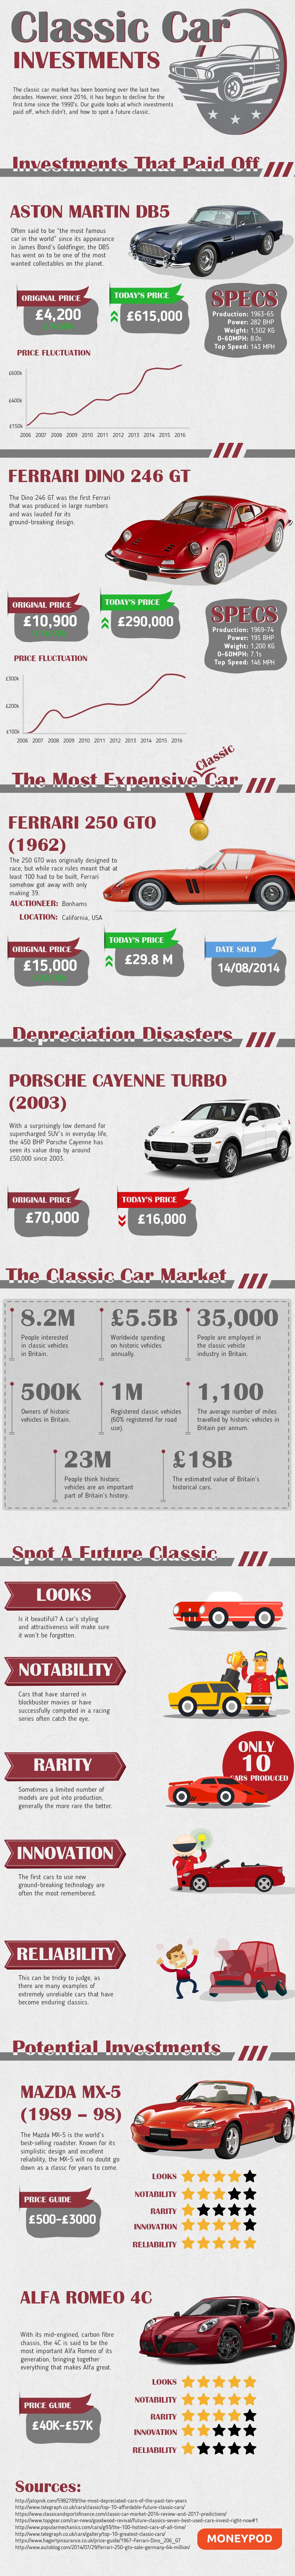 Le auto d'epoca possono rivelarsi degli ottimi investimenti